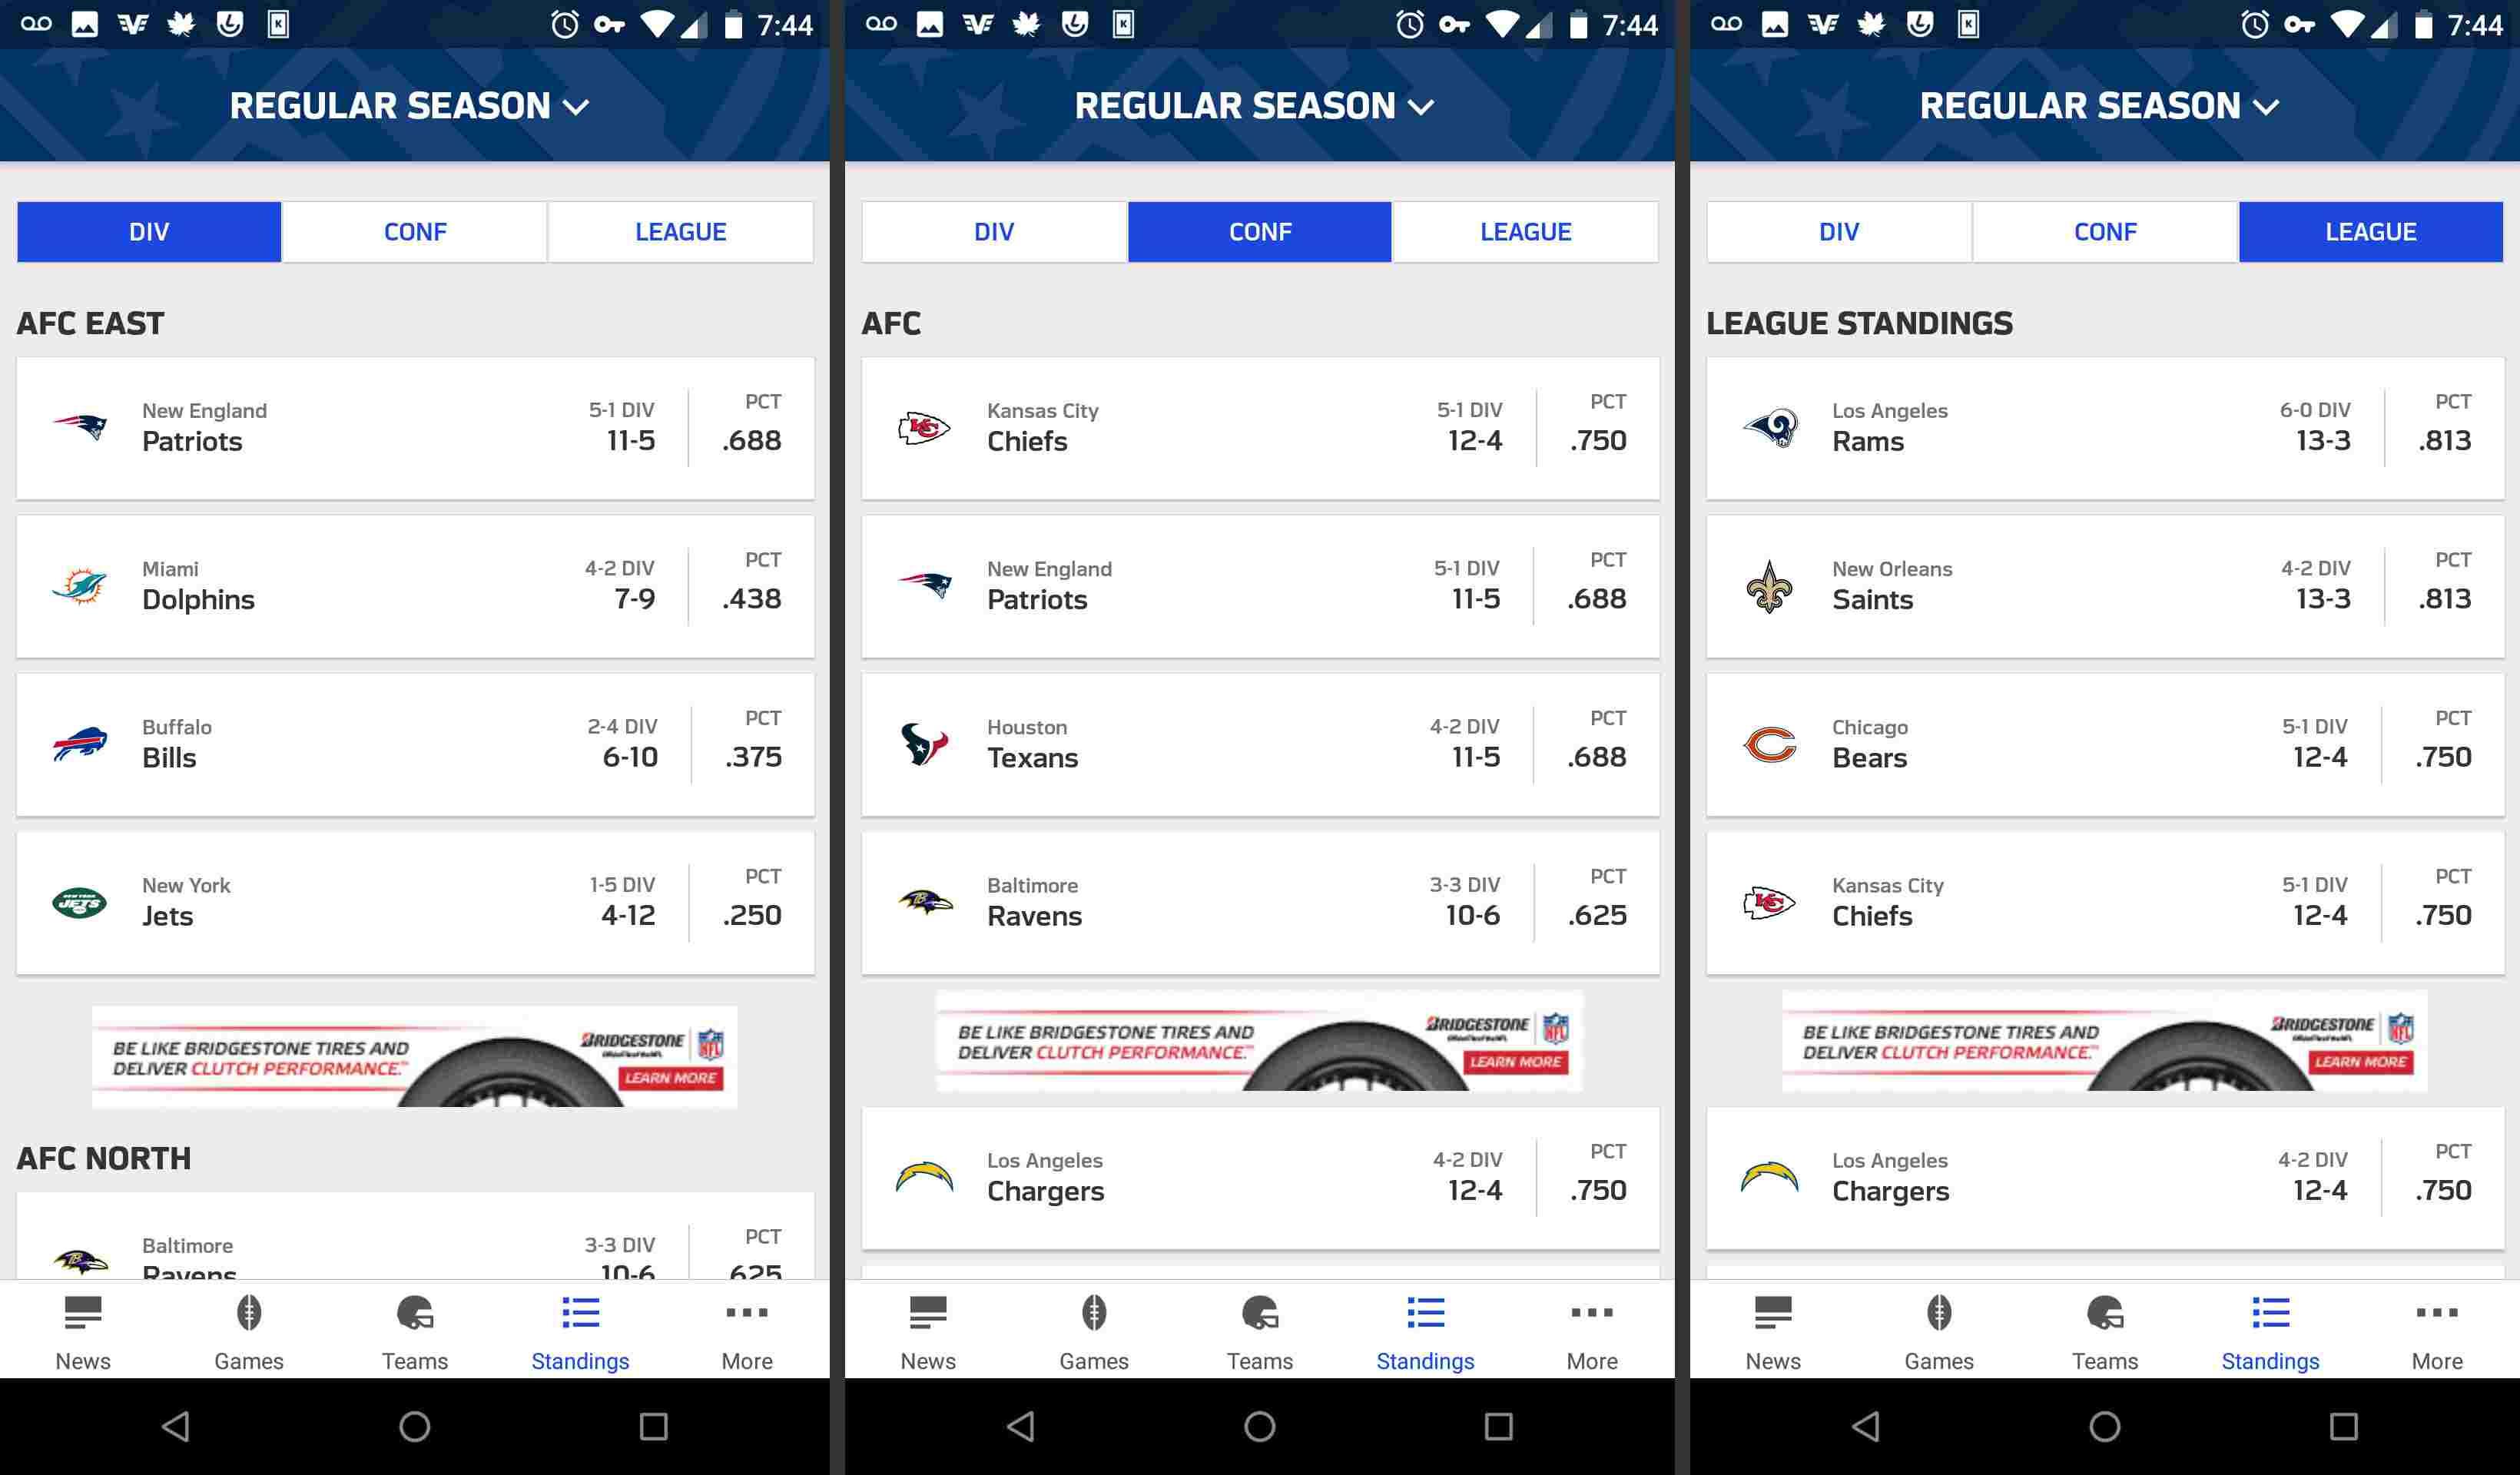 NFL mobile app standings week to week